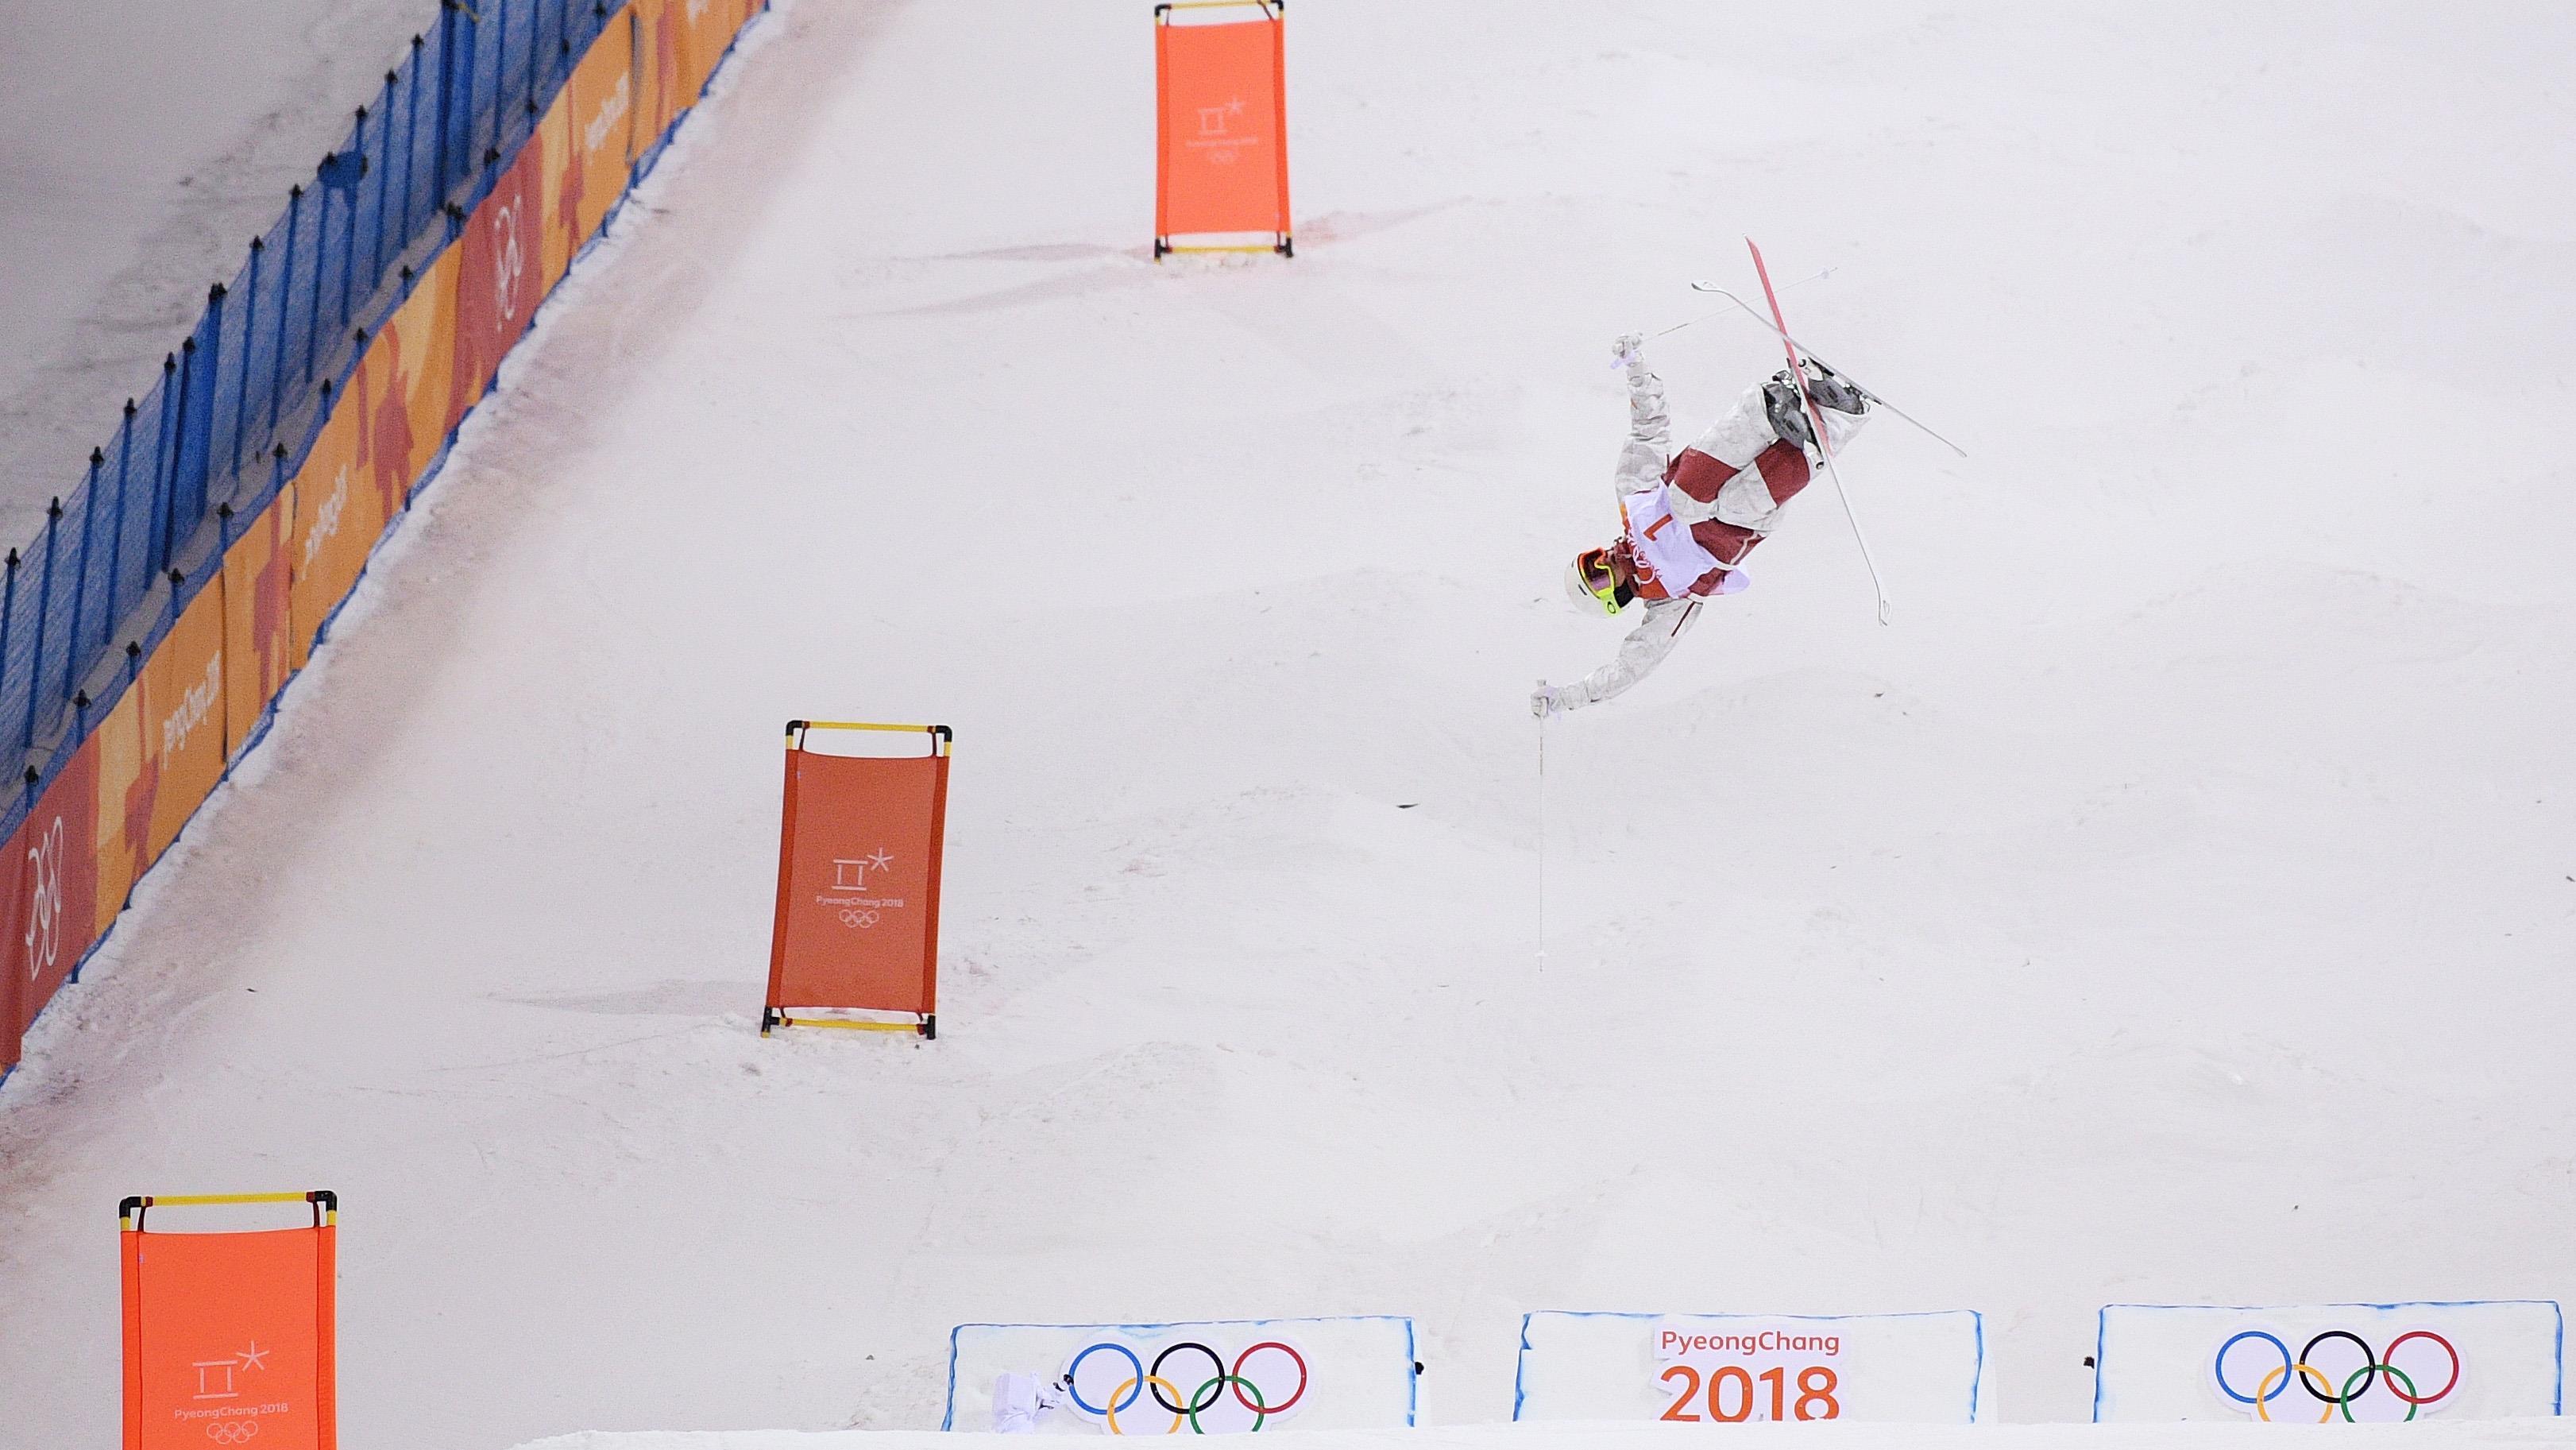 Mikaël Kingsbury en pleine descente aux Jeux olympiques de 2018